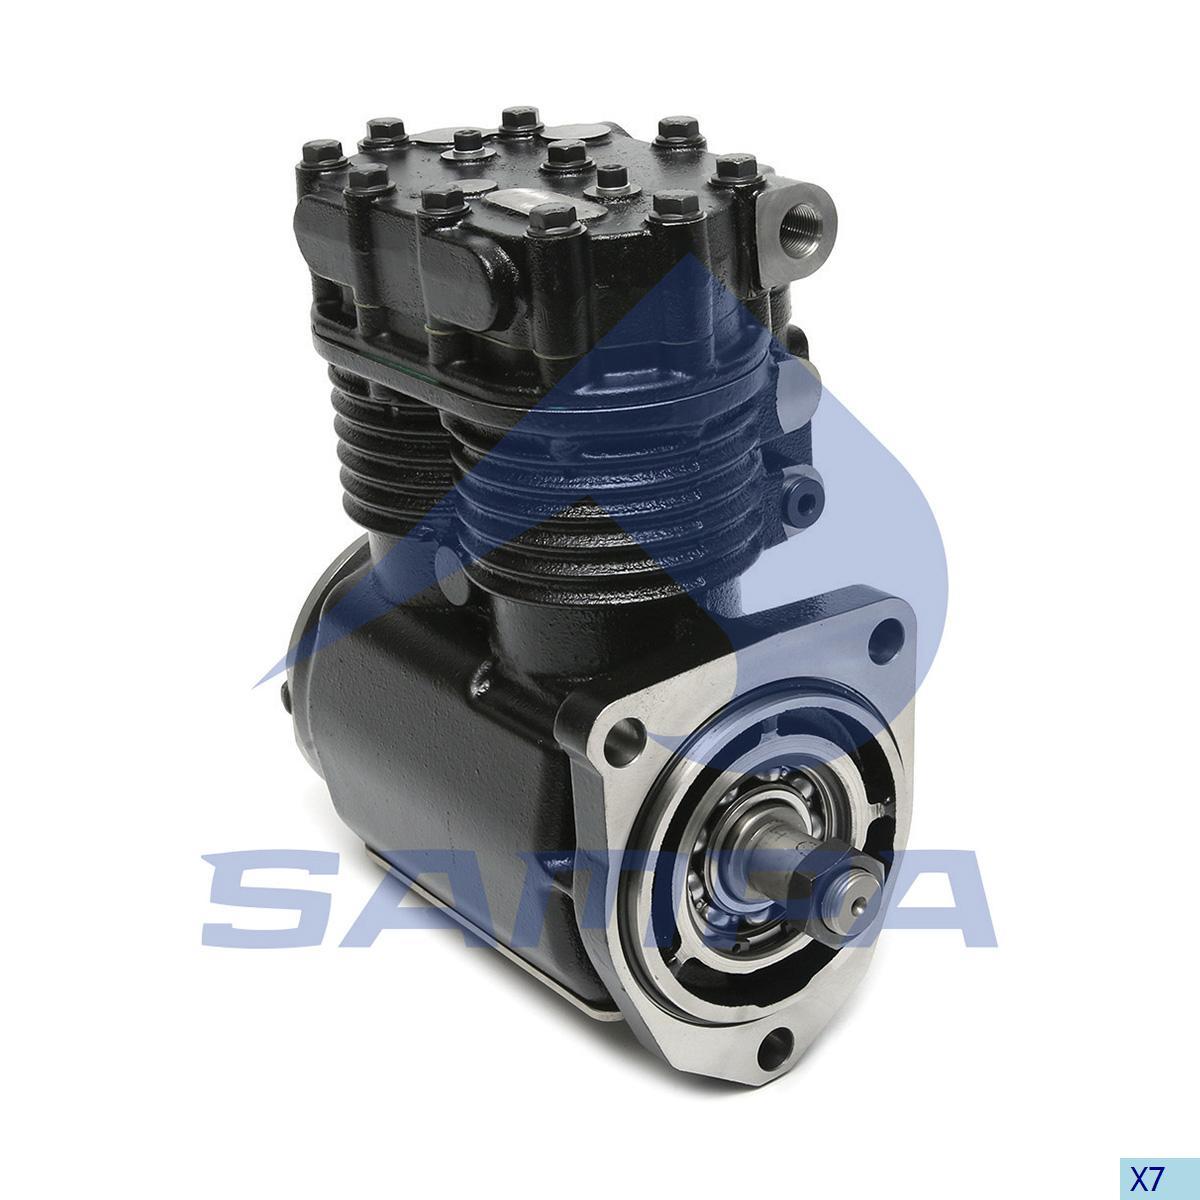 Compressor, Scania, Compressed Air System